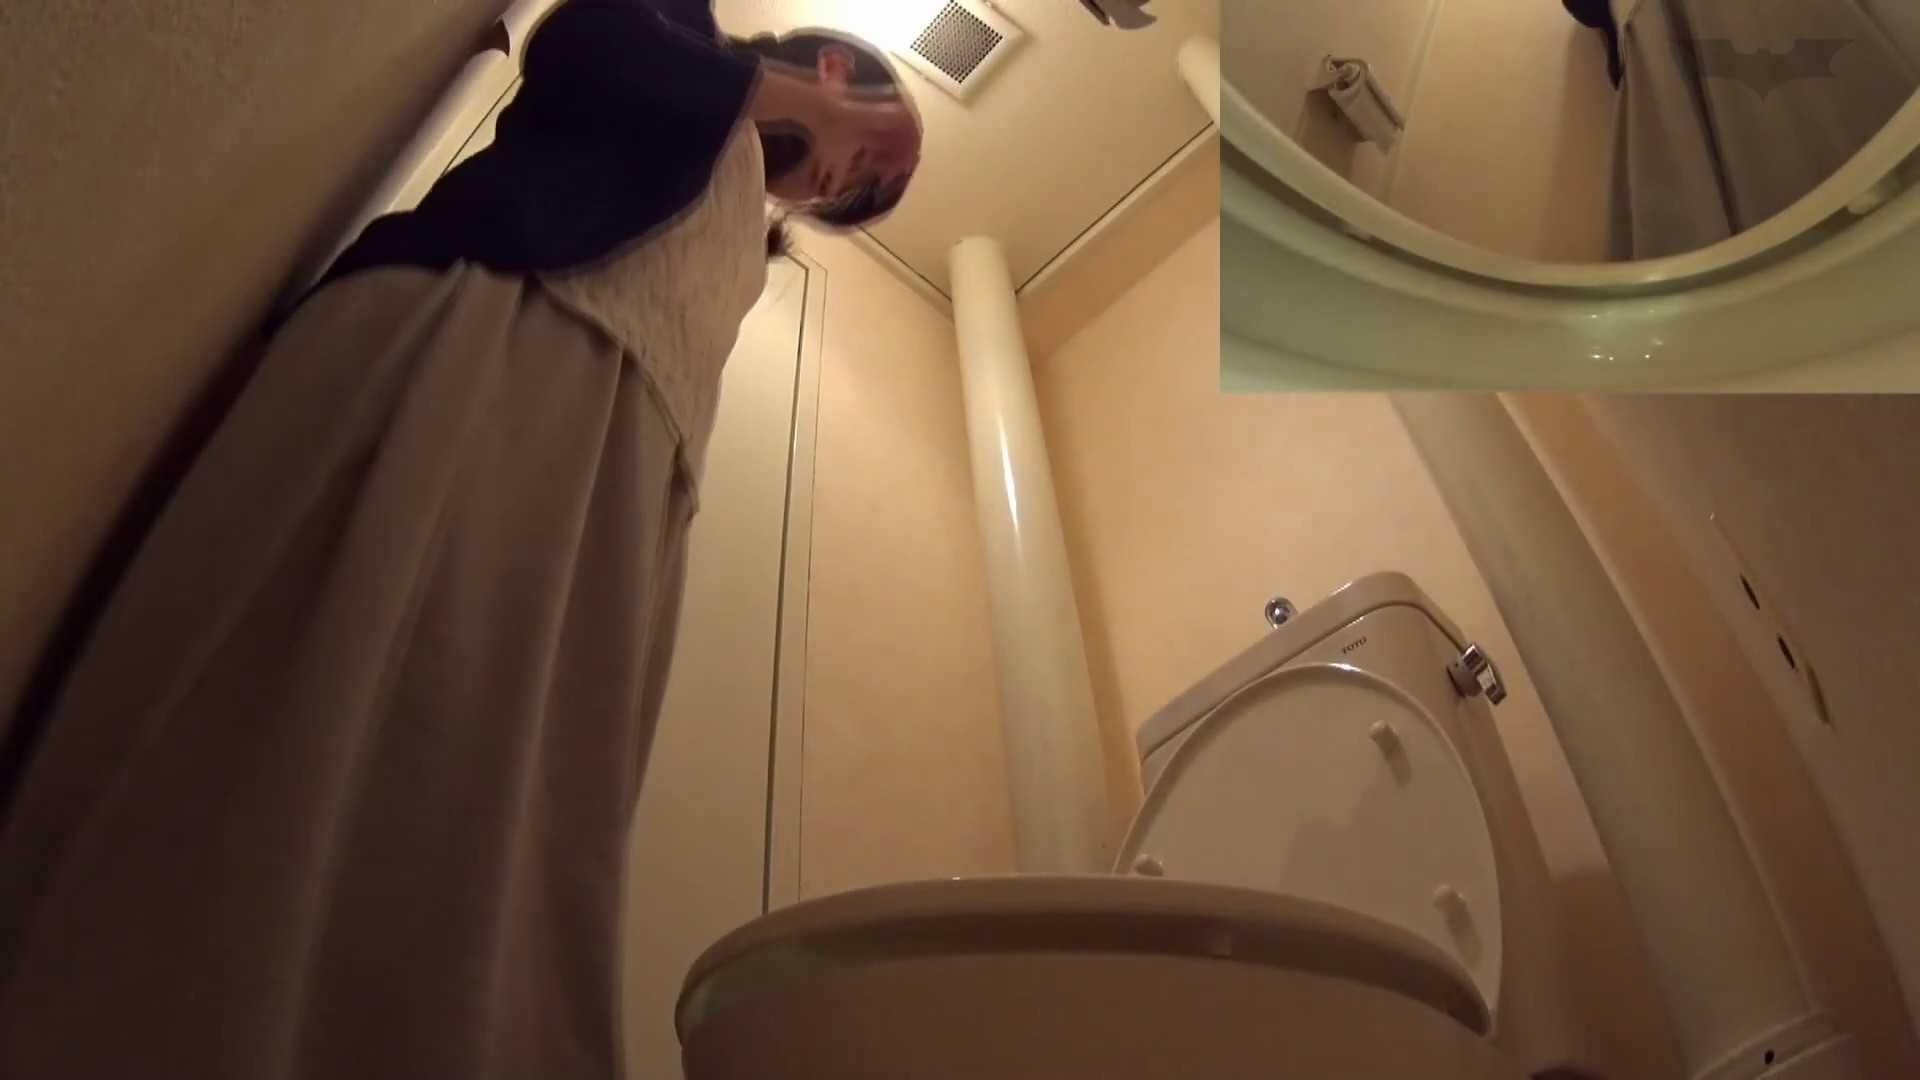 vol.05[洗面所]実はコレが目的でした。 美肌 AV無料動画キャプチャ 92画像 29